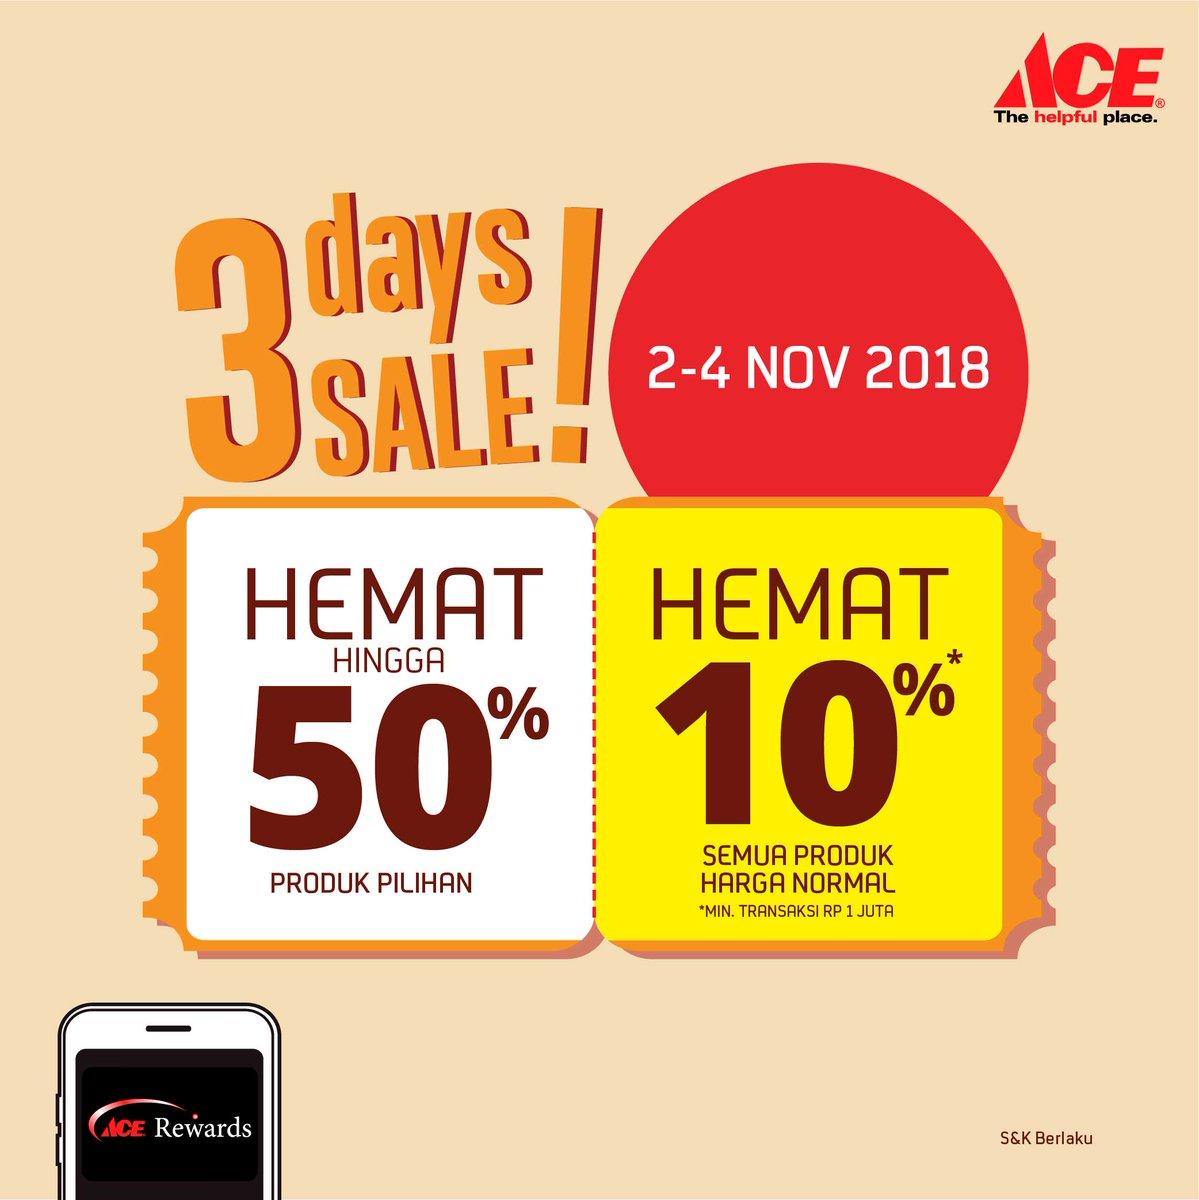 AceHardware - Promo 3 Days Sale Hemat s.d 50% & Hemat 10 % (s.d 04 Nov 2018)